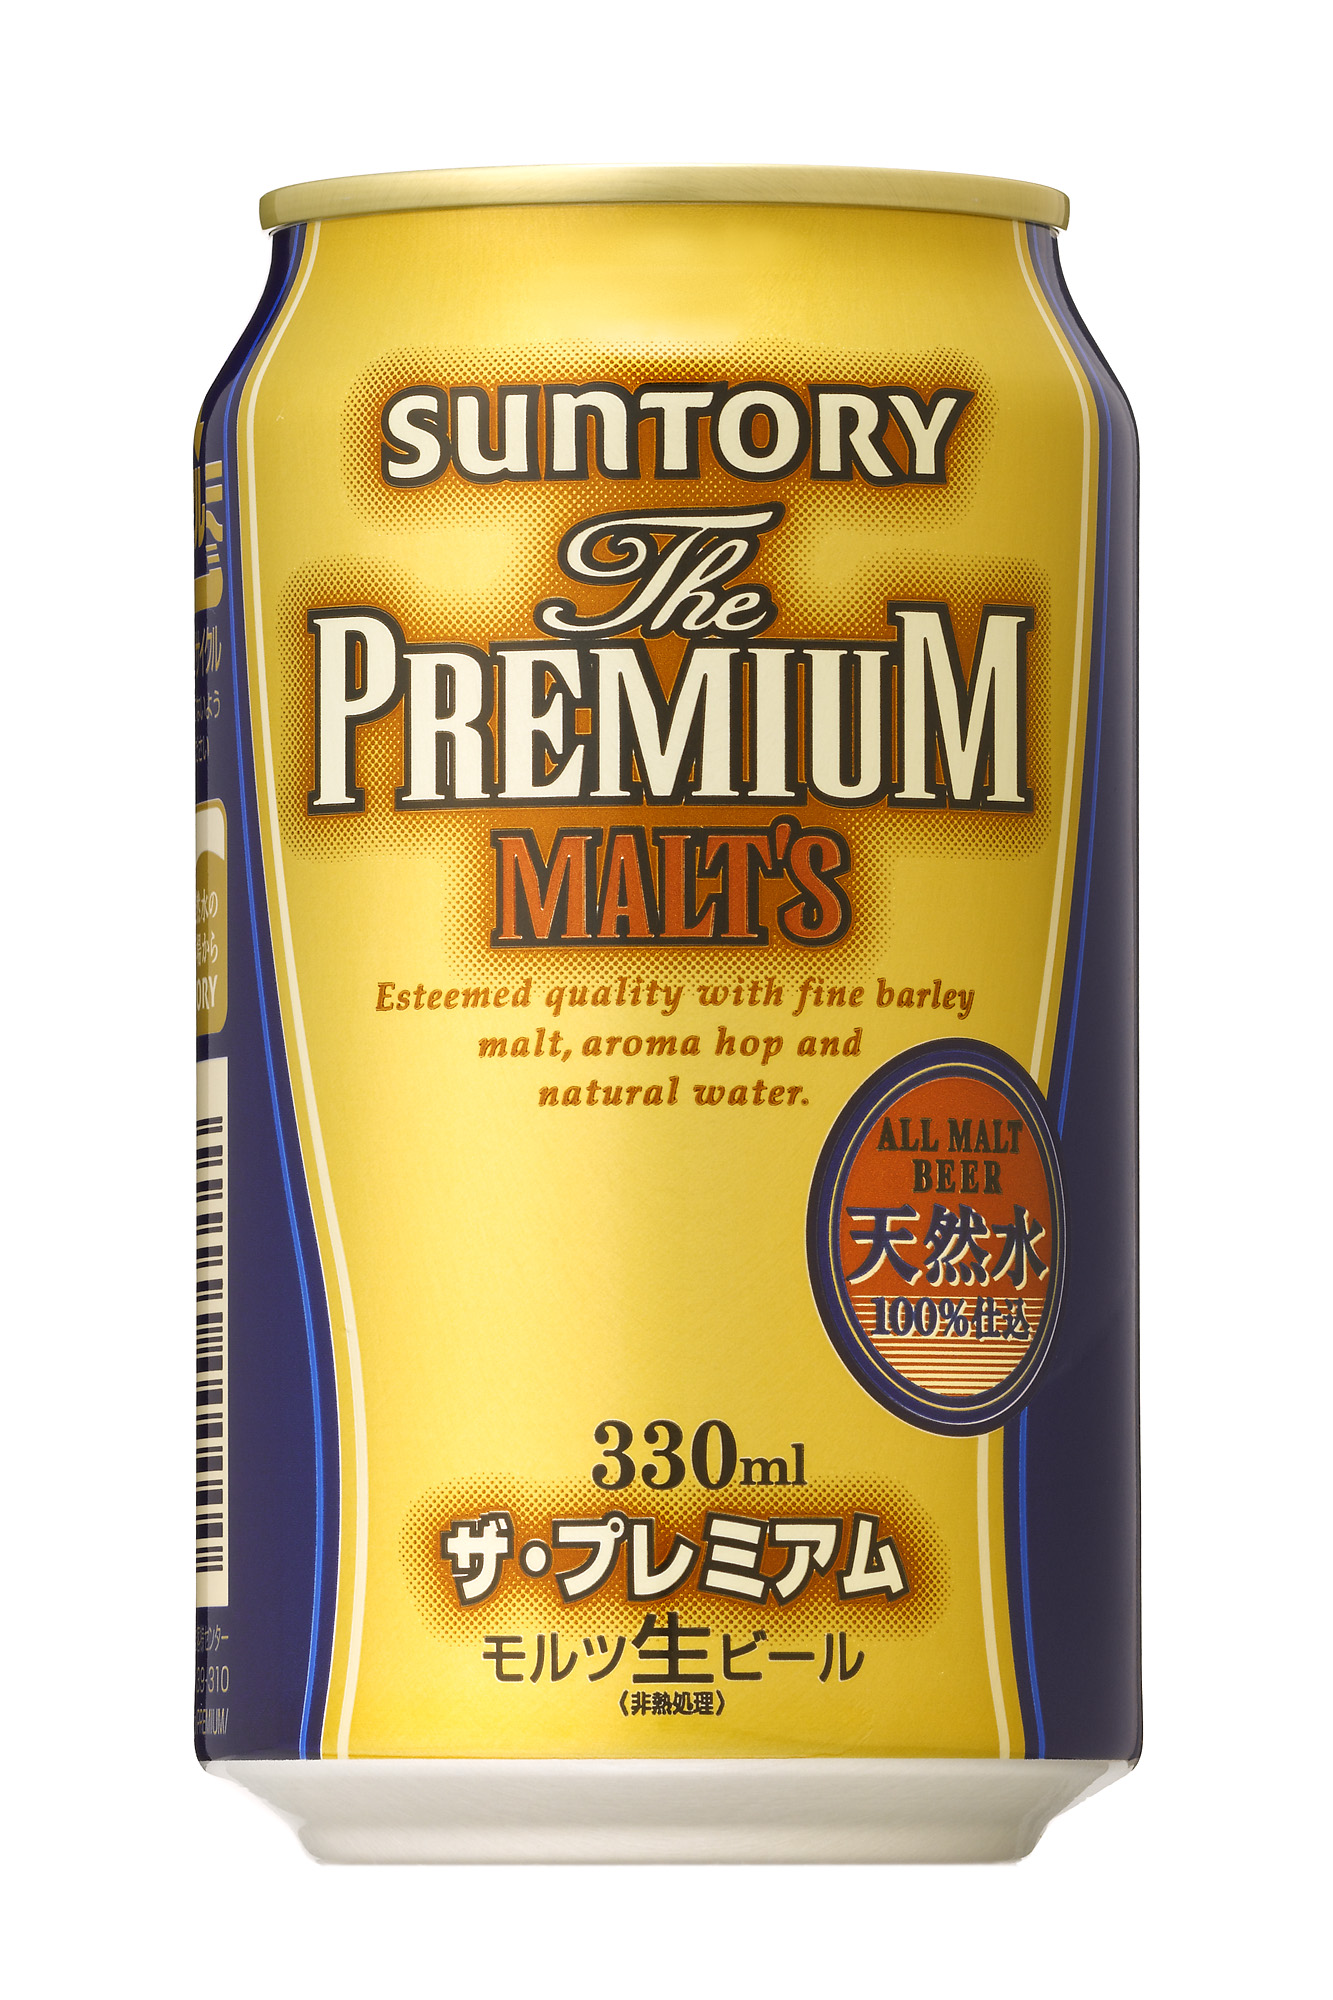 「ザ・プレミアム・モルツ」330ml缶コンビニエンスストア限定で新発売